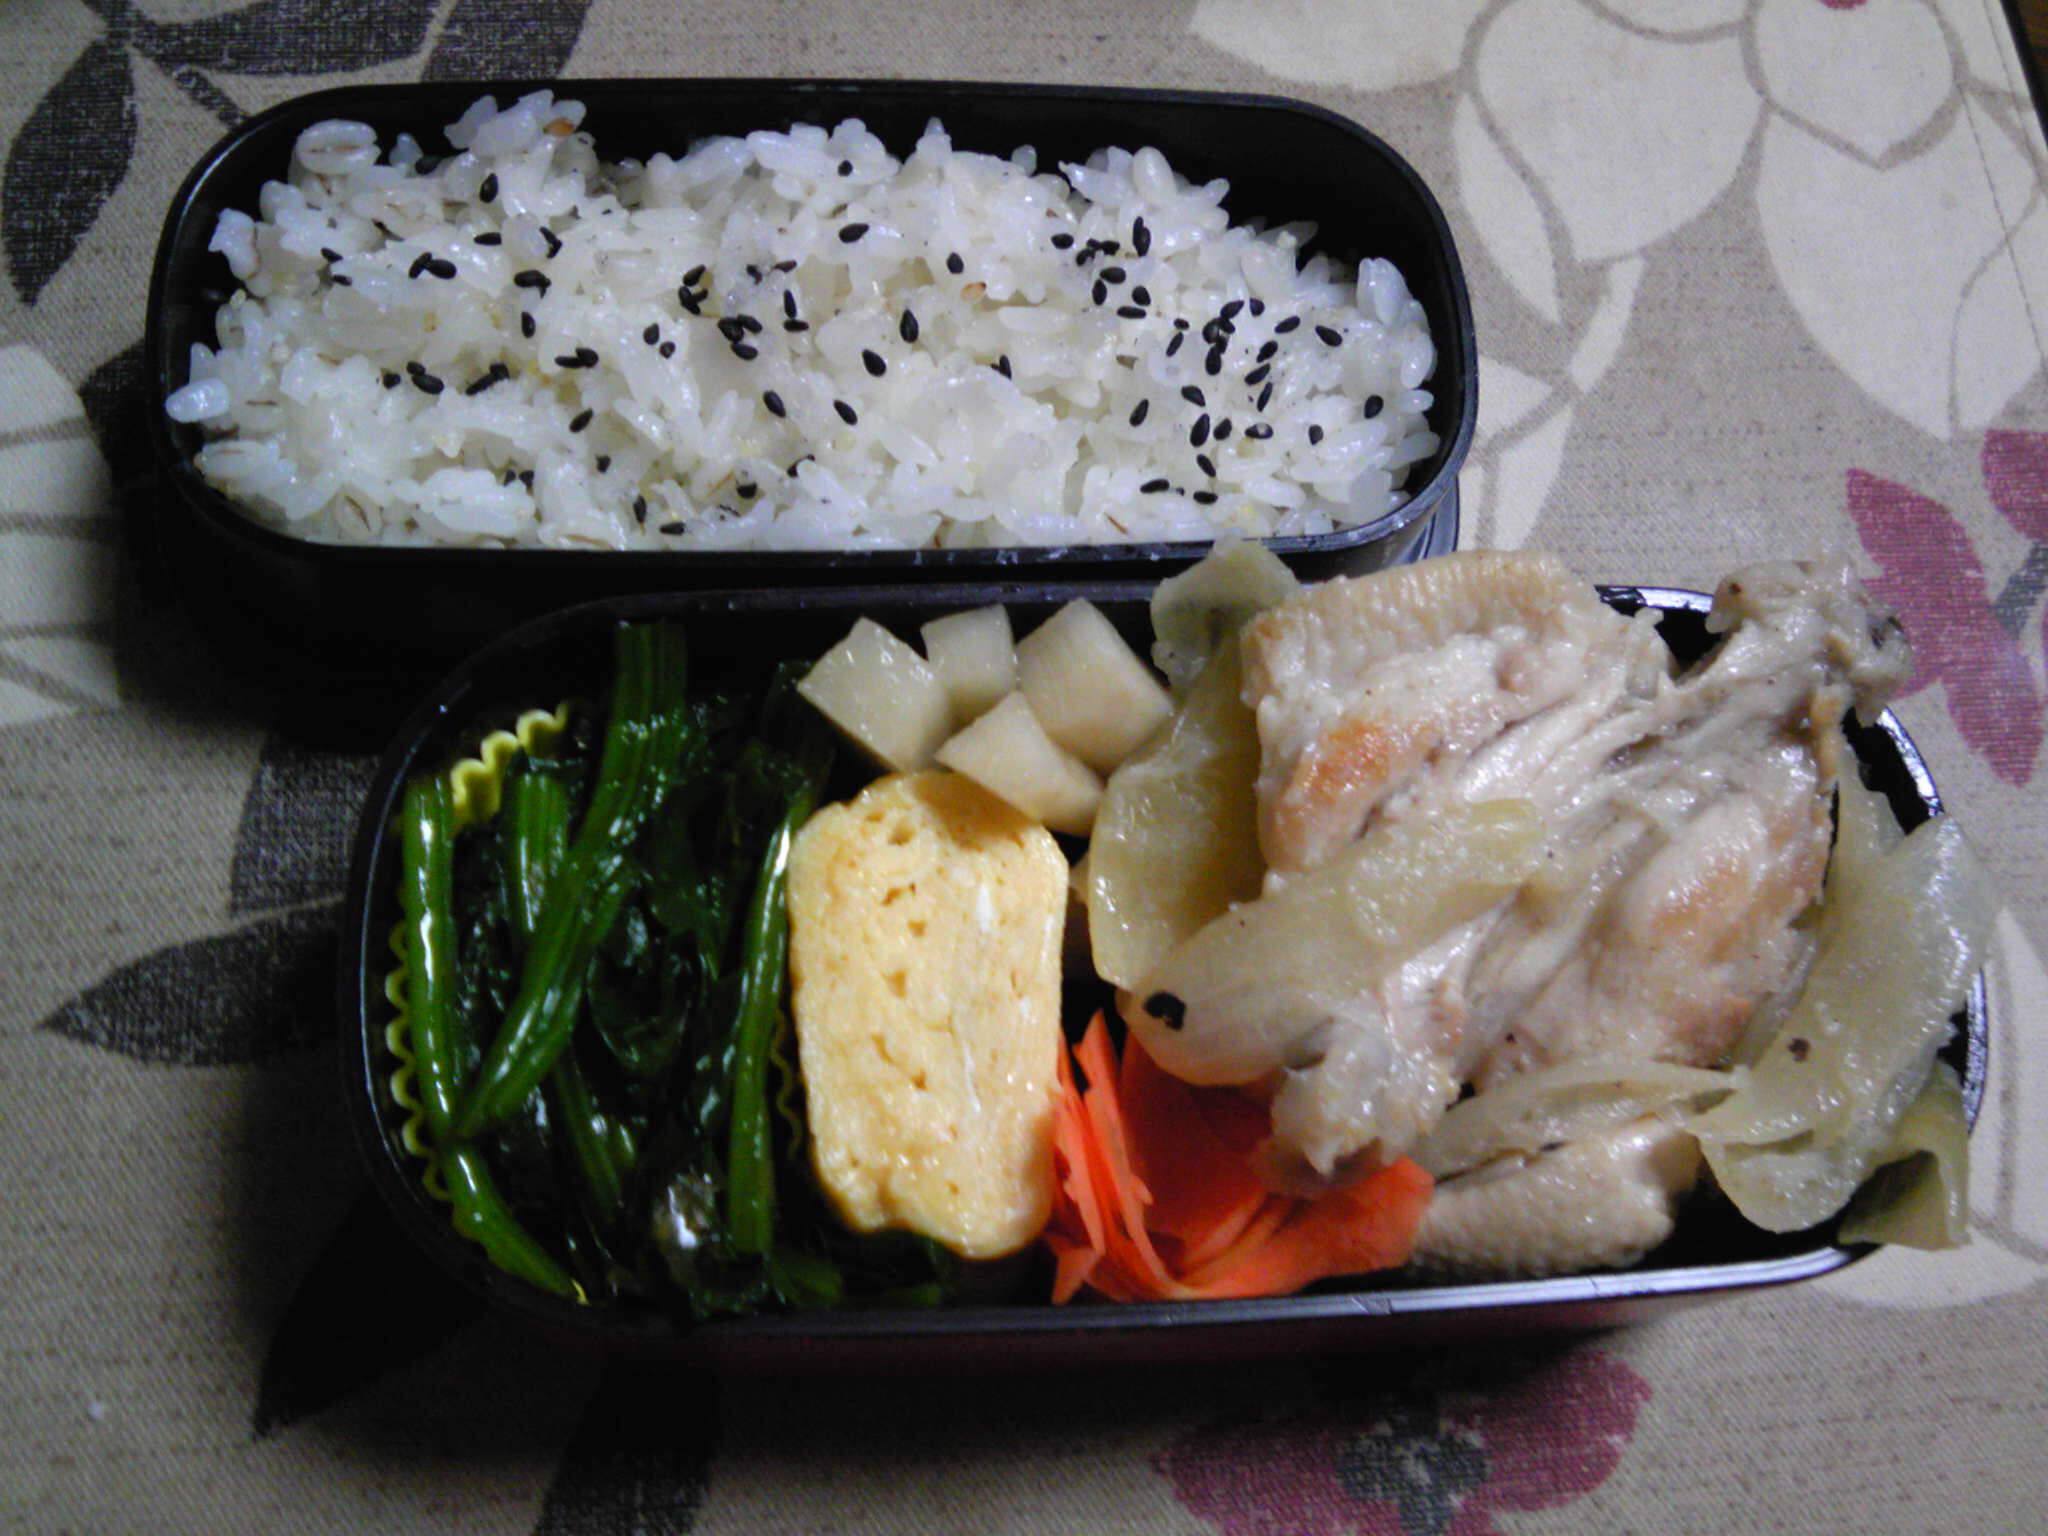 鶏骨つき肉のこってり酢煮弁当